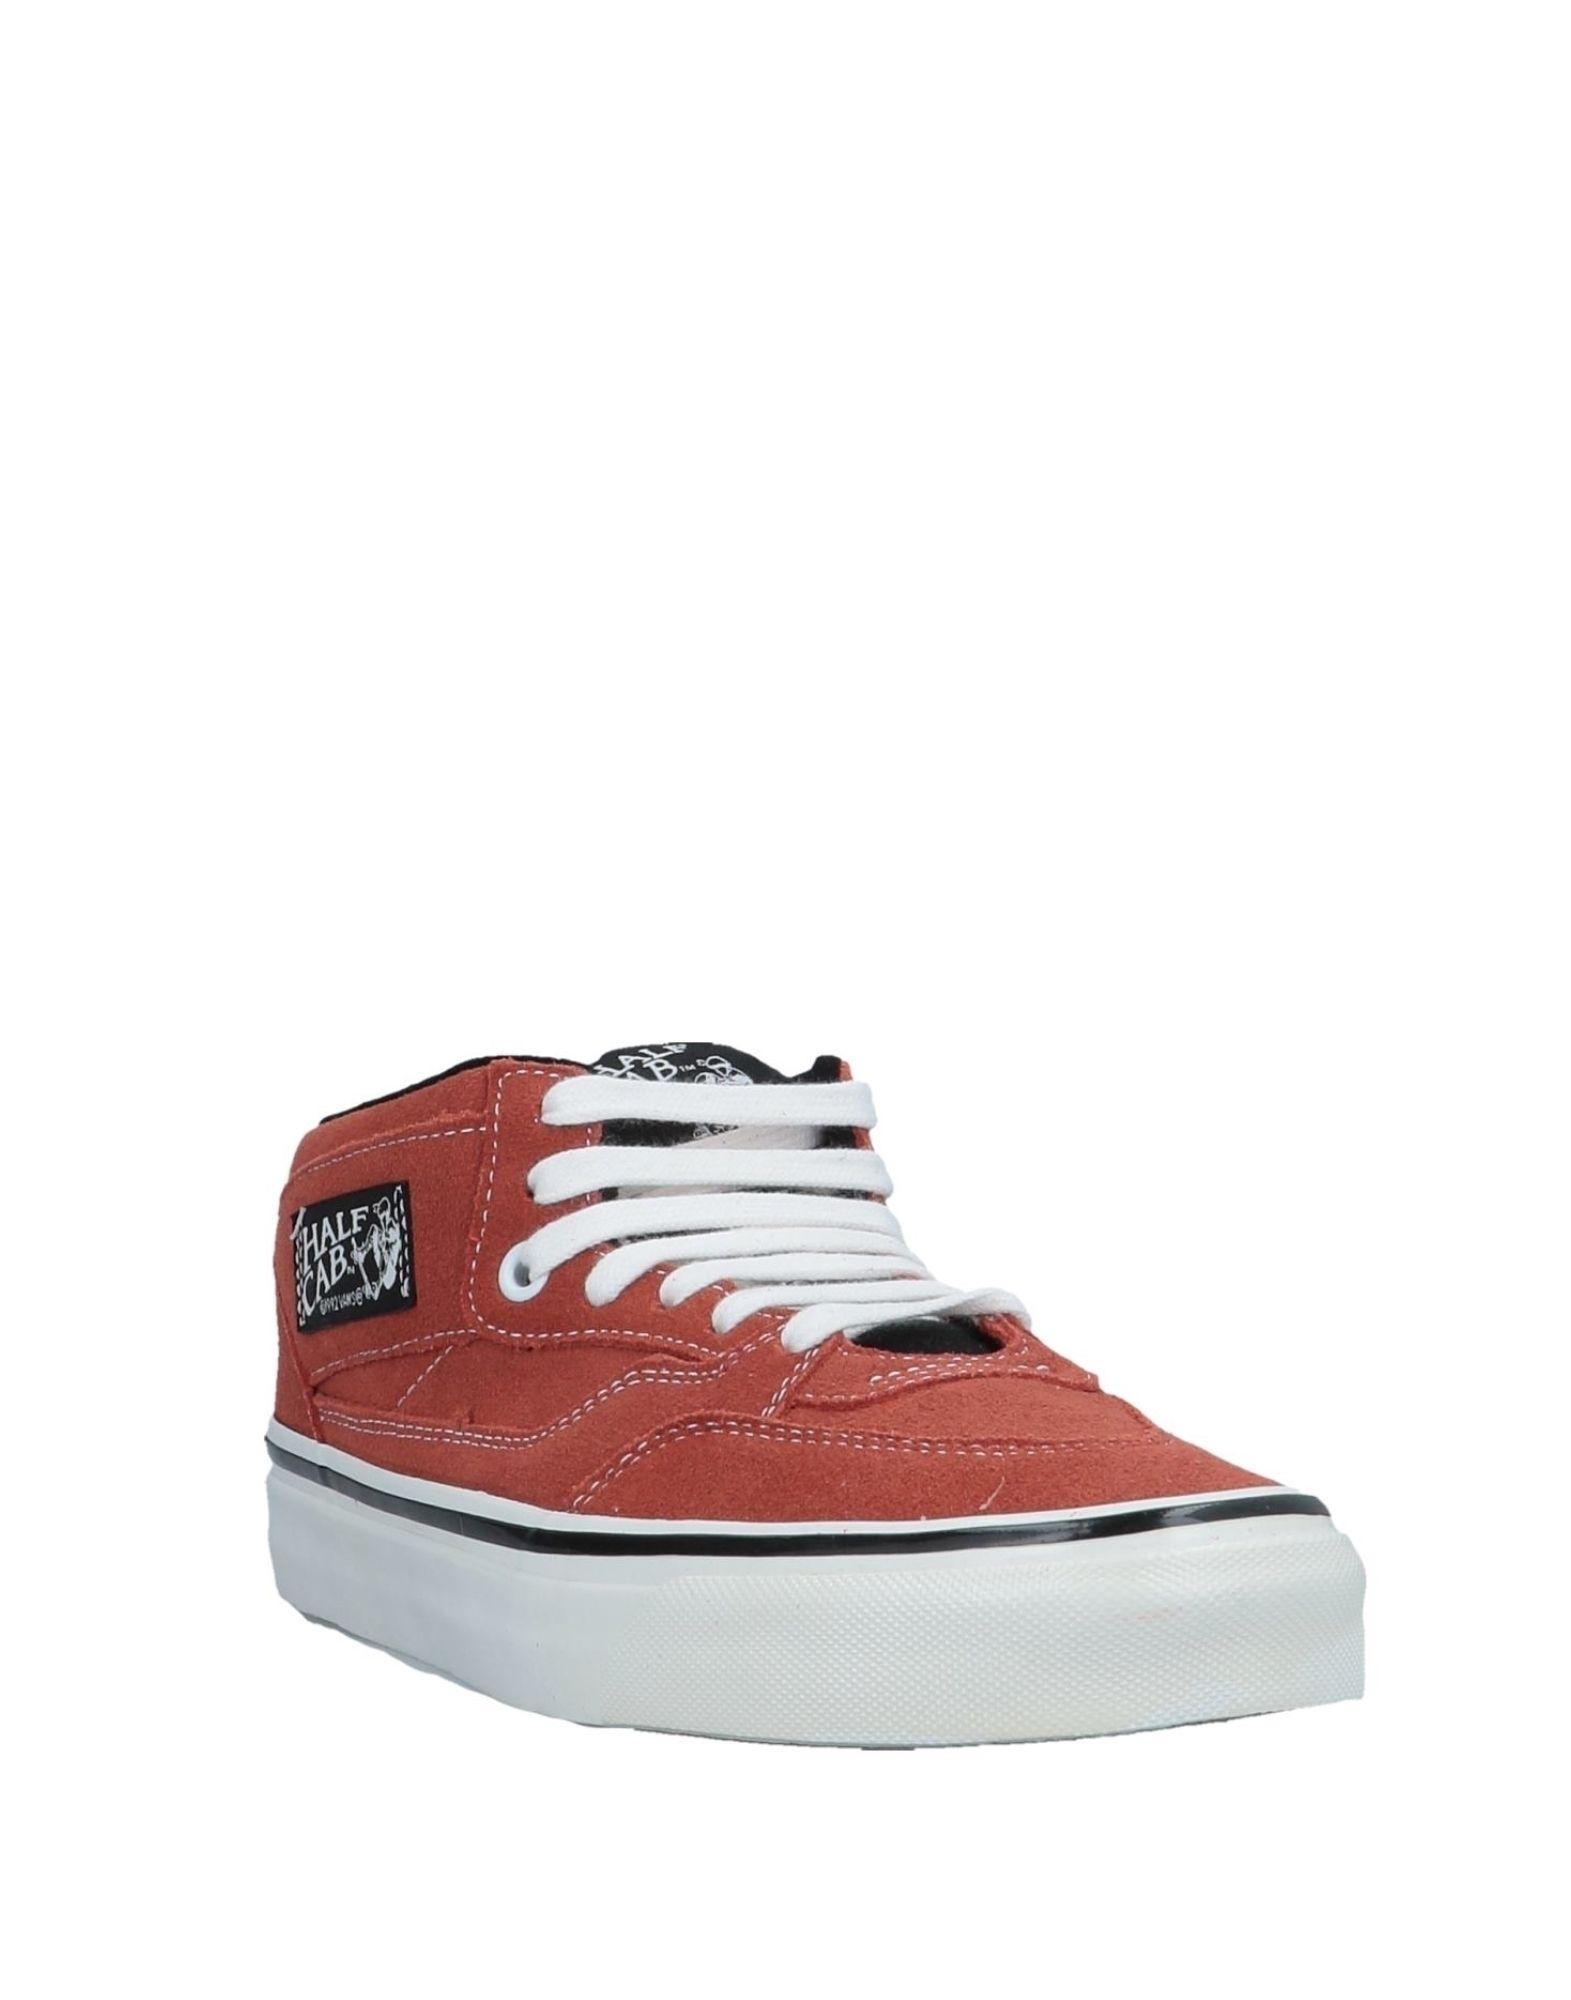 Rabatt echte  Schuhe Vans Sneakers Herren  echte 11564349IA a230a2